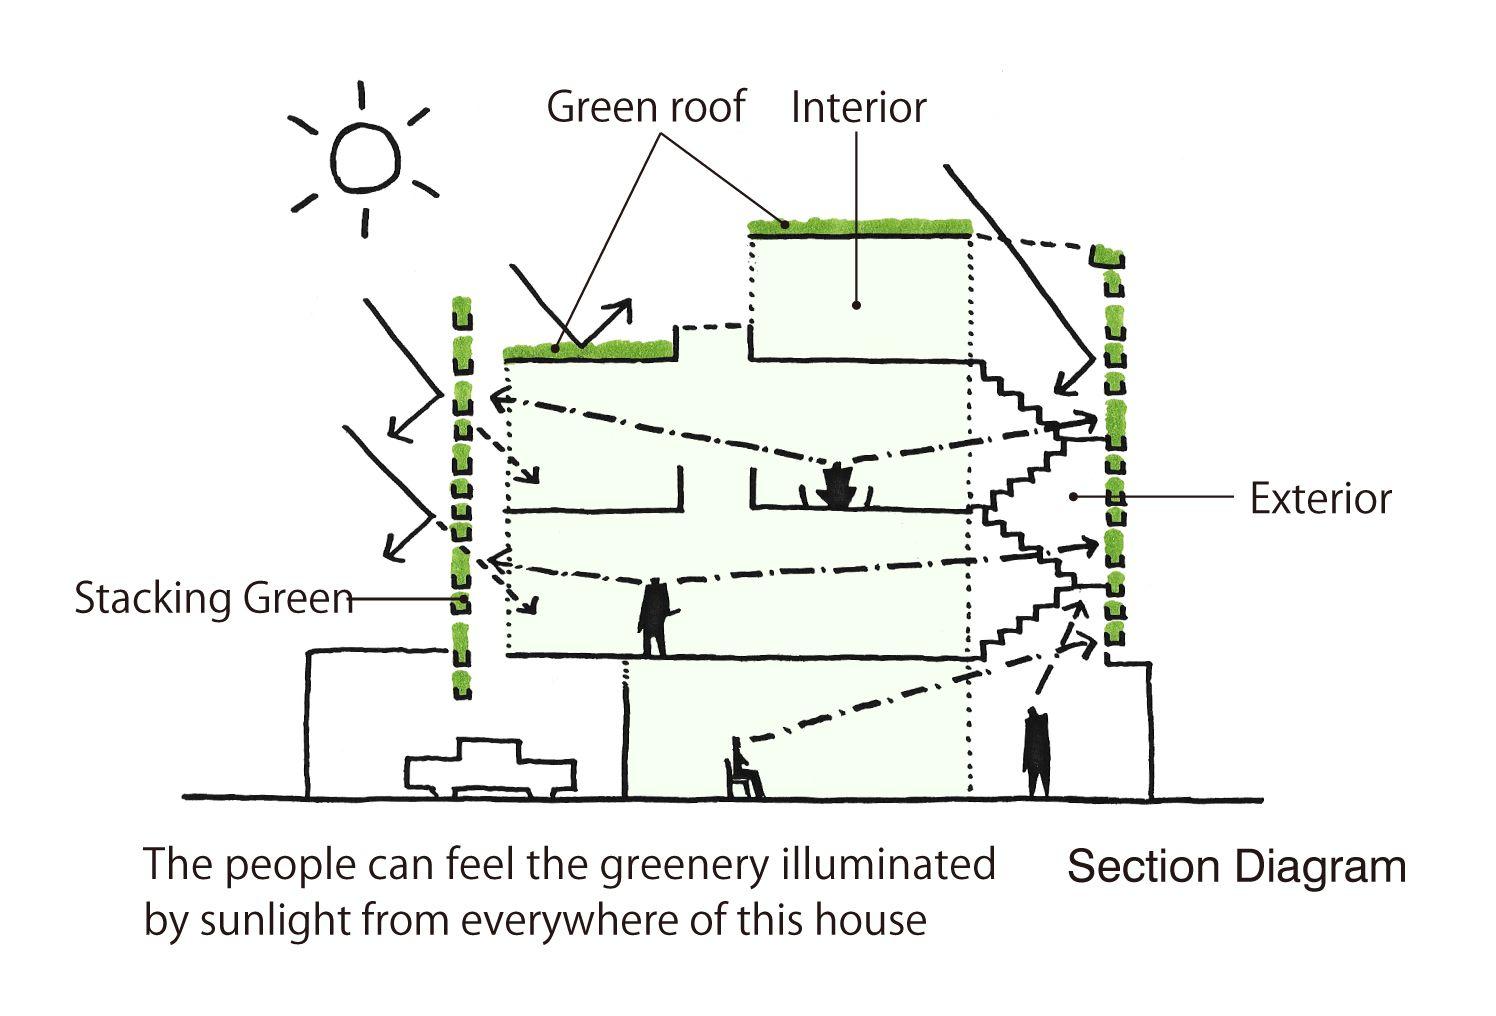 4646b788c2ae12b0a2f75b415e2cf82f stacking green schematic section vo trong nghia site analysis